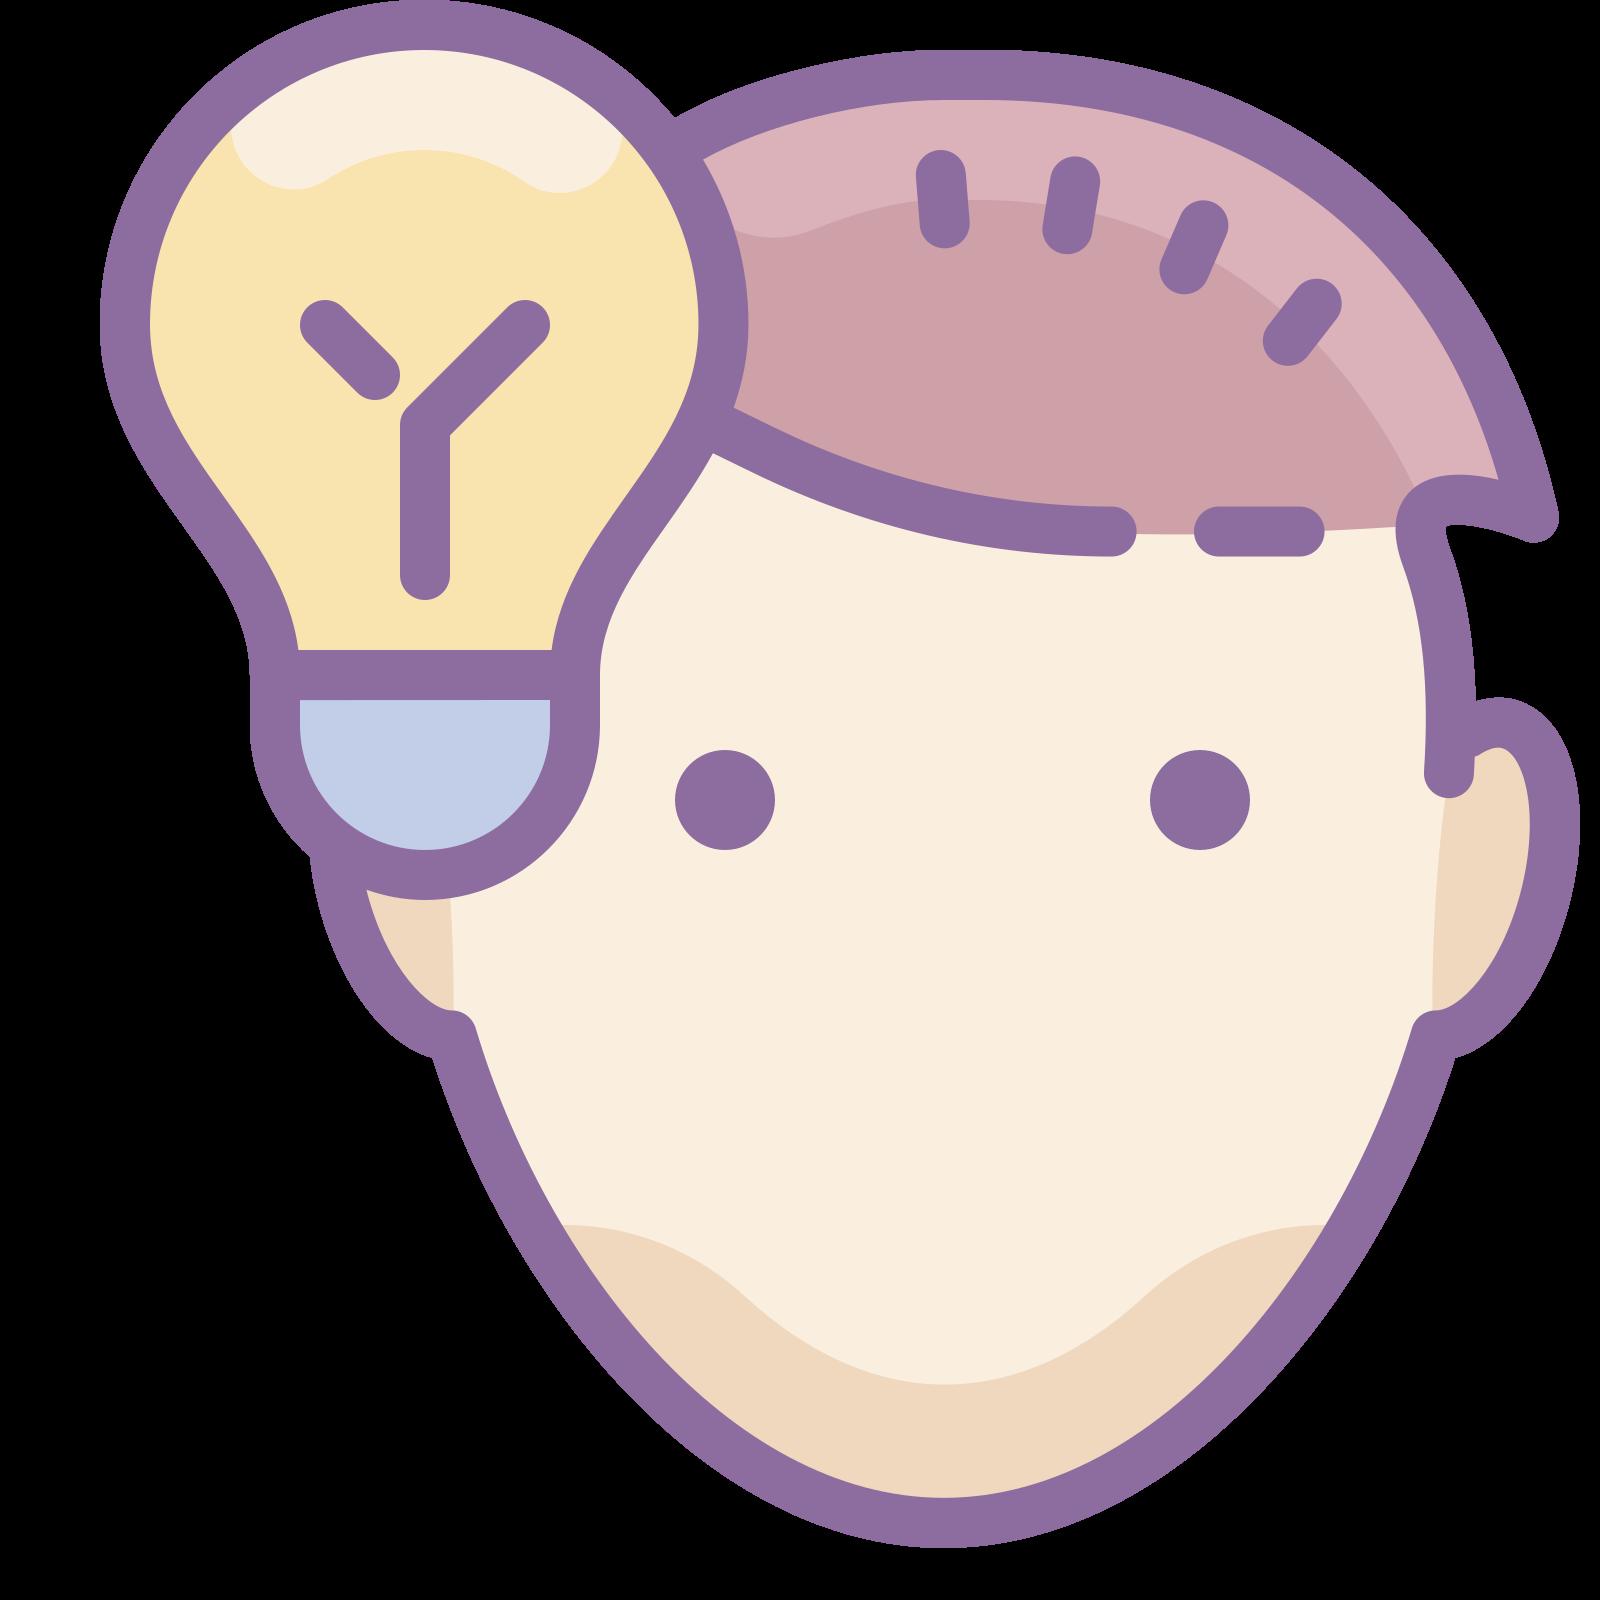 Навык мозгового штурма icon